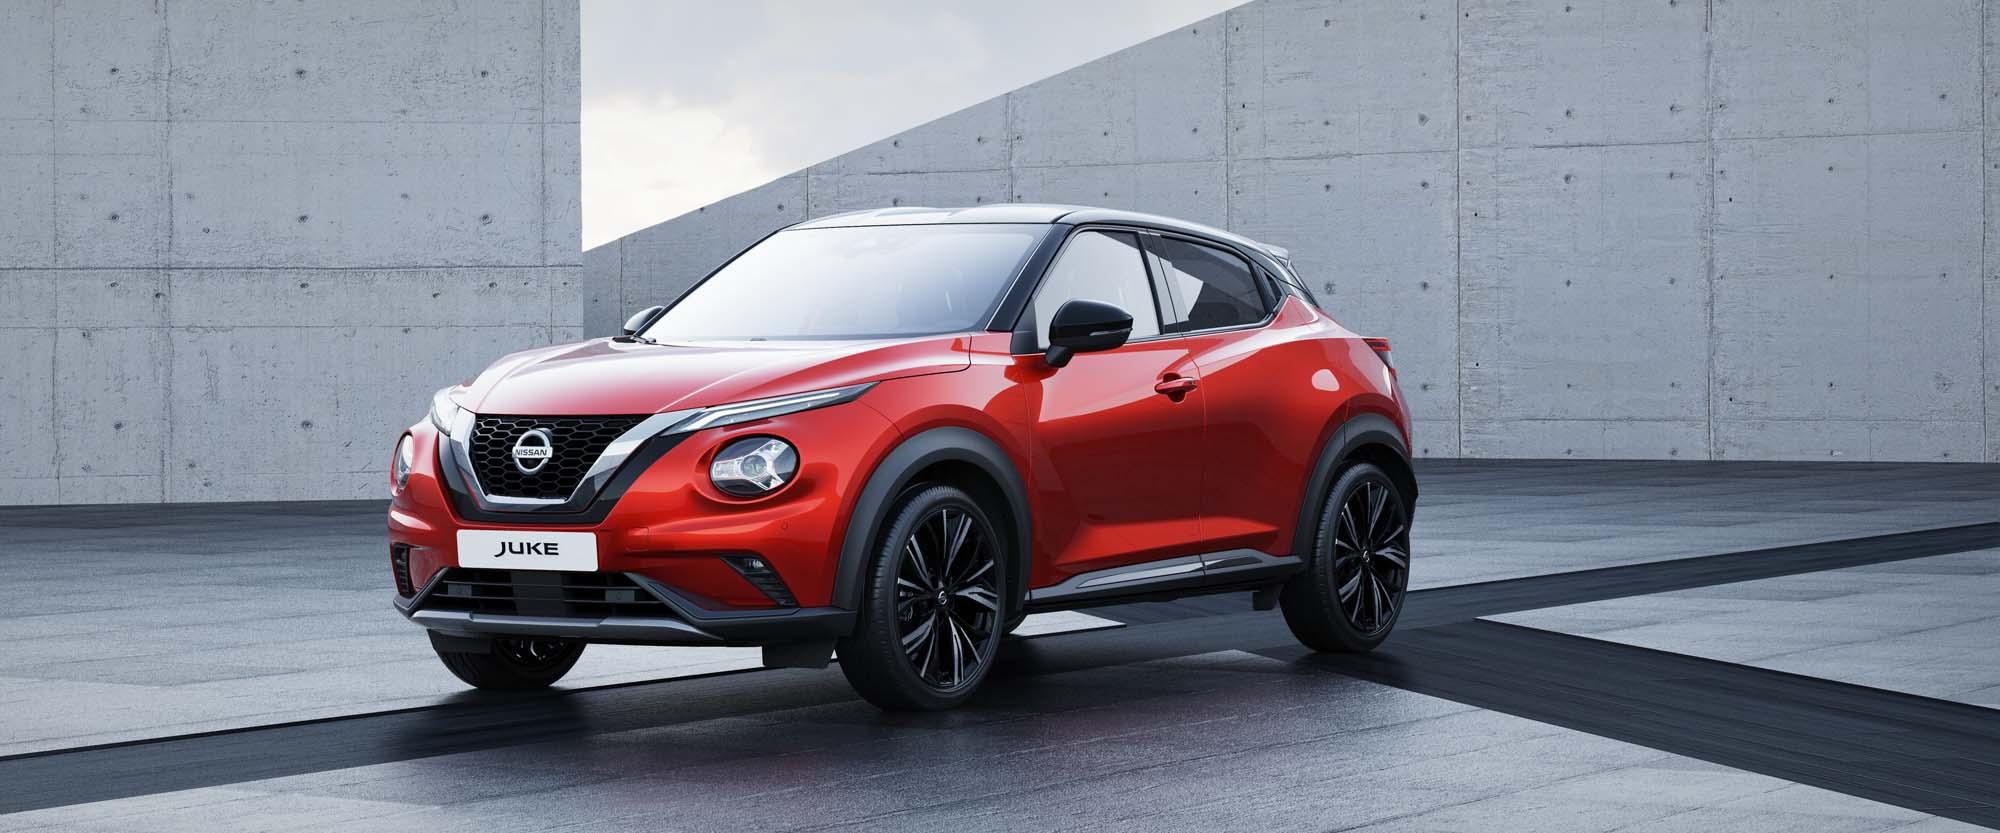 Nissan-Juke-2020-48